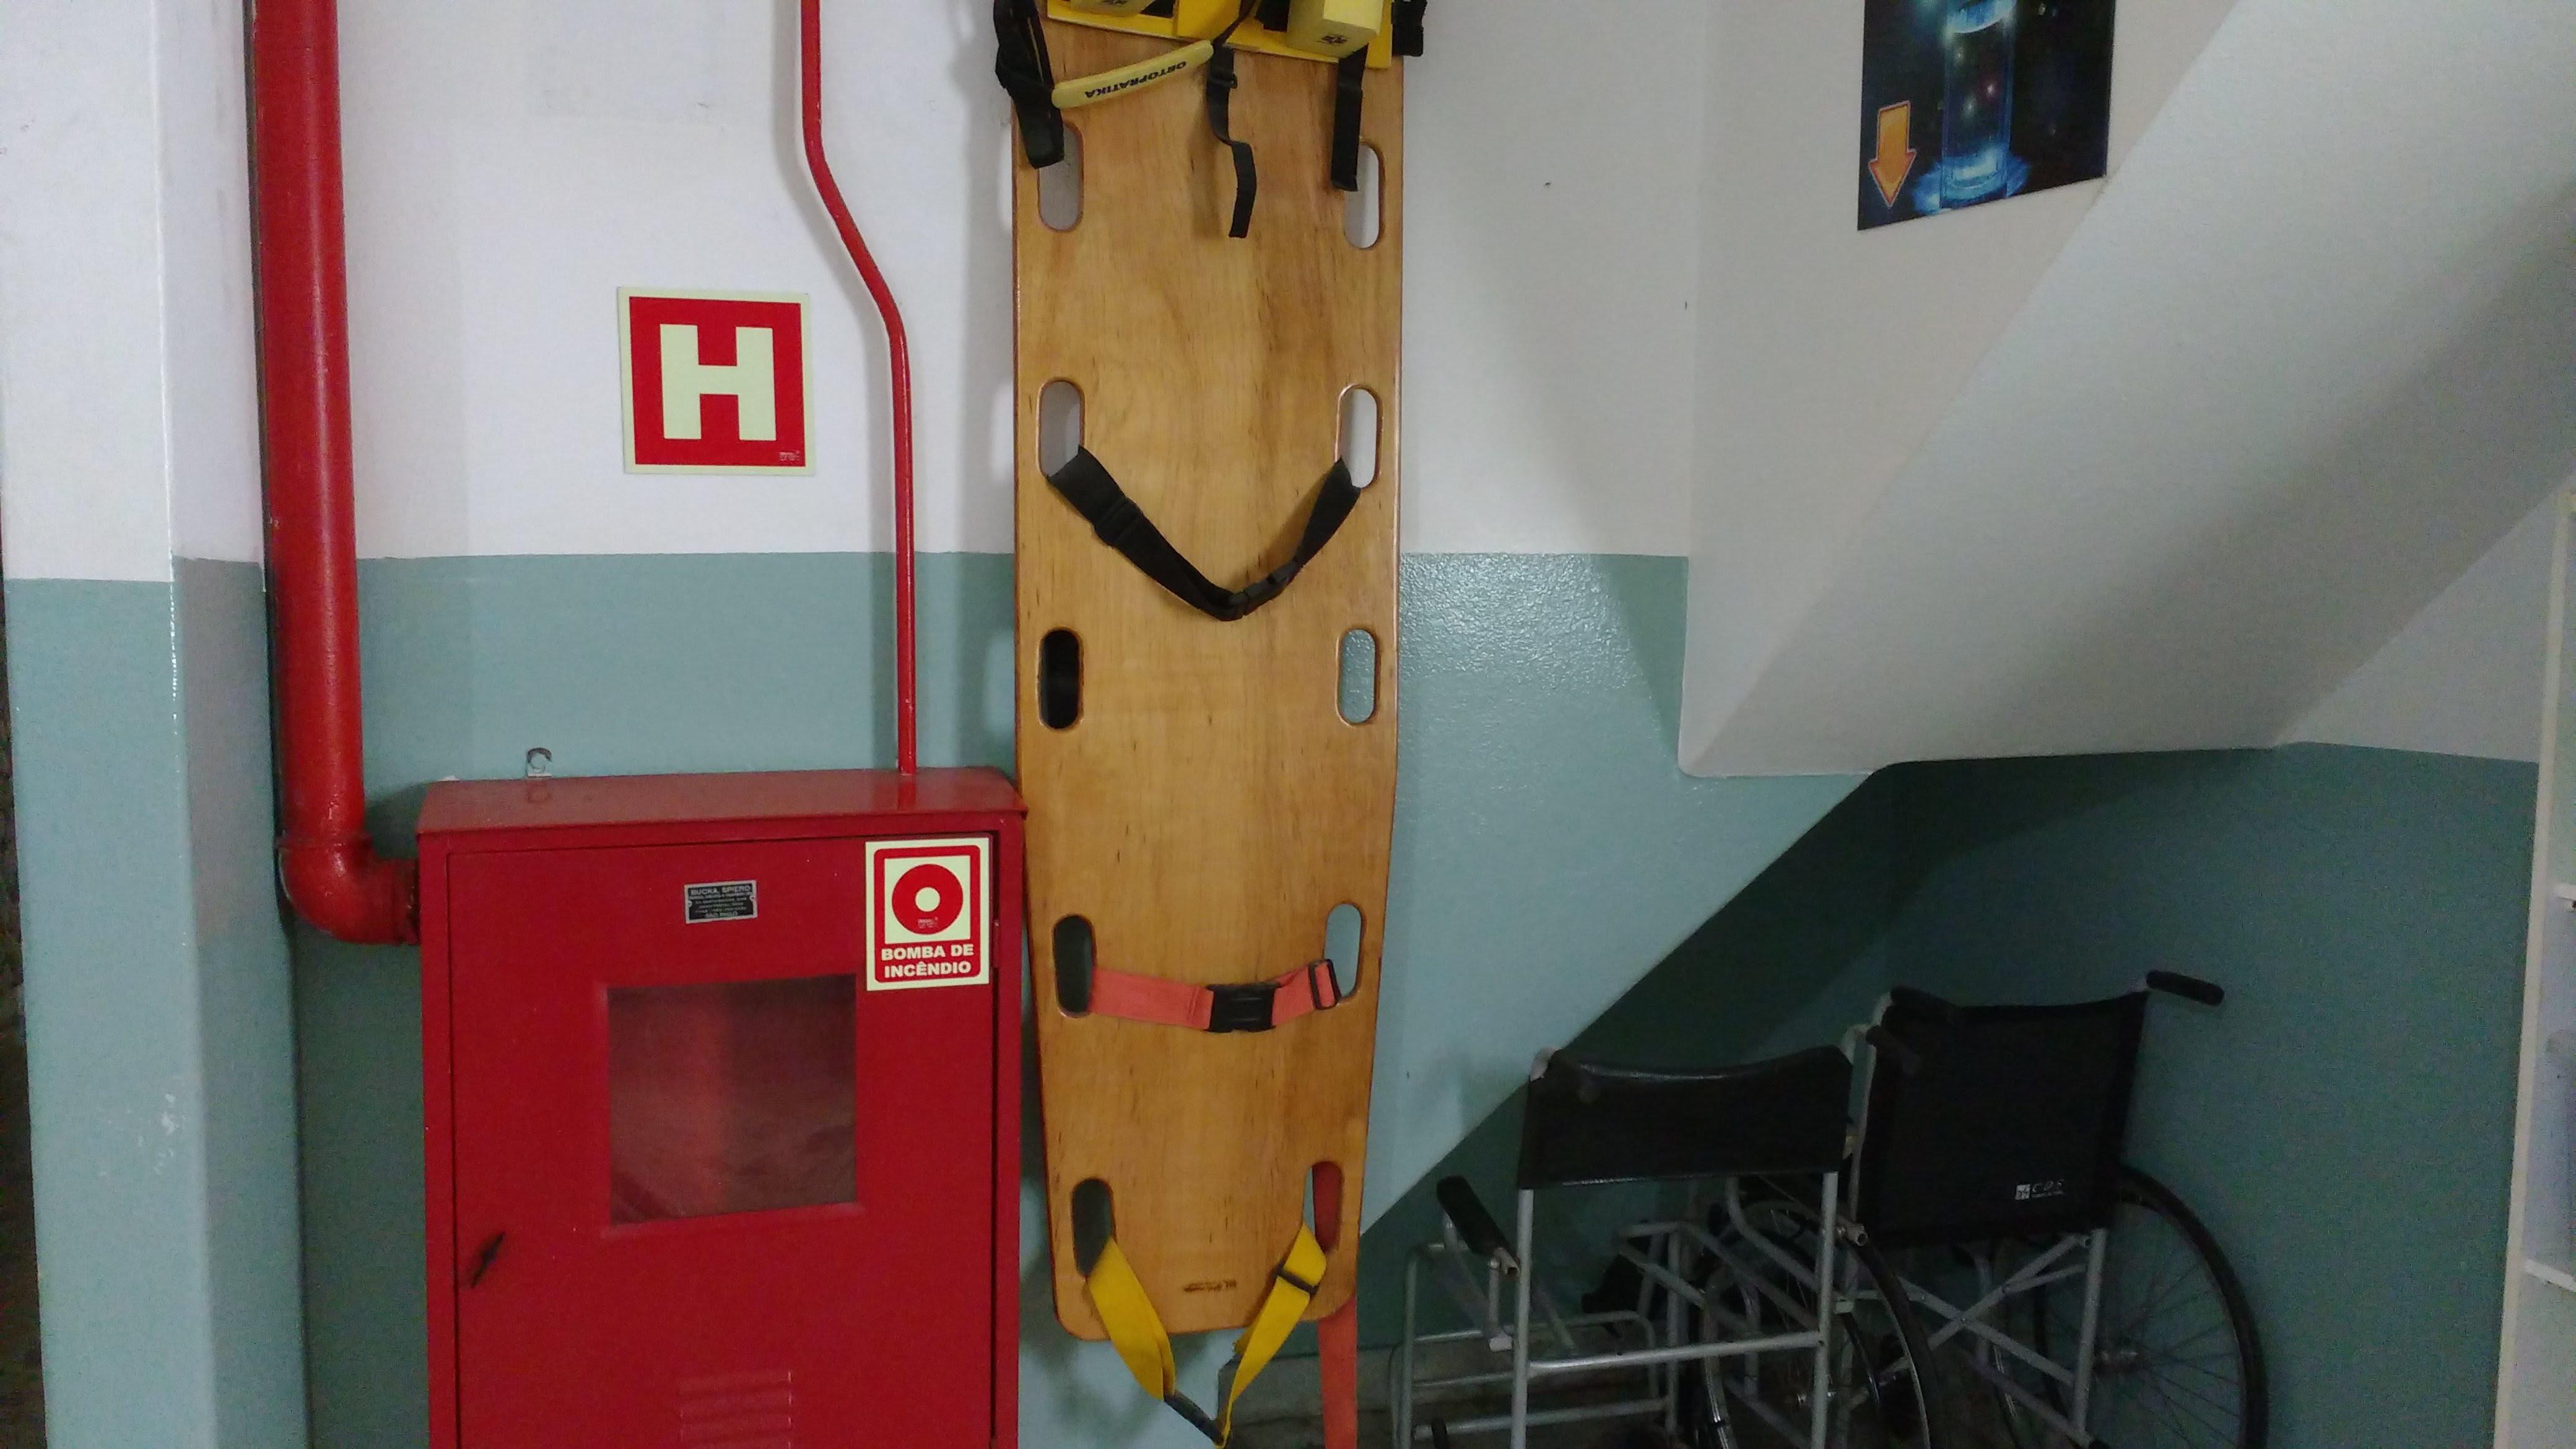 itens de segurança e emergencia